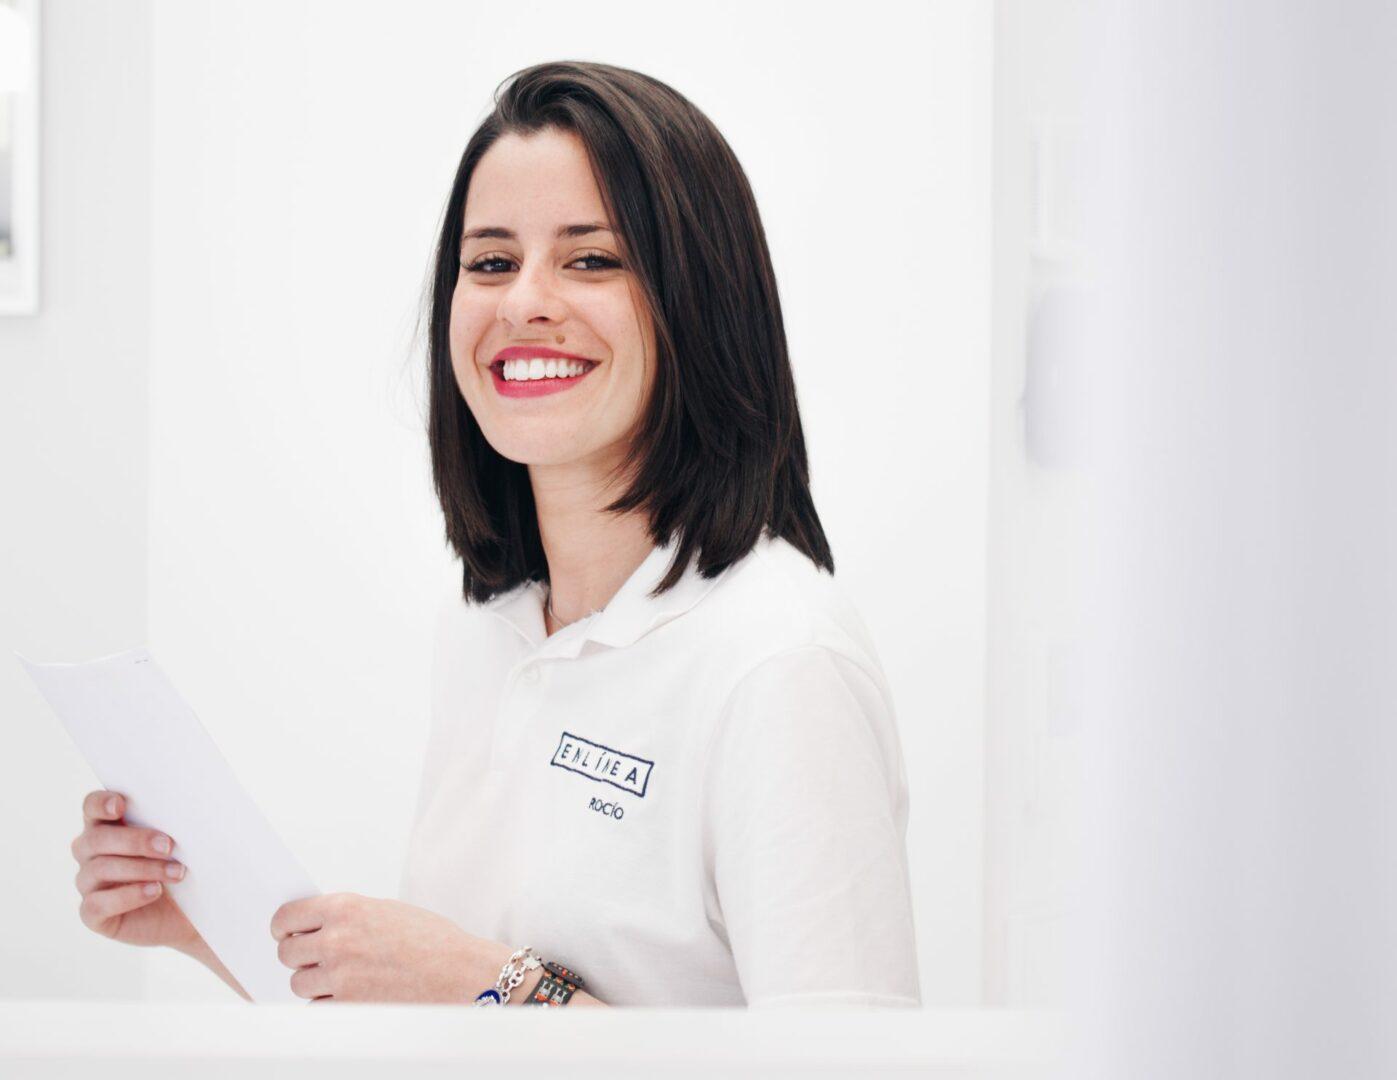 ¿Por qué es importante tener los dientes bien alineados?